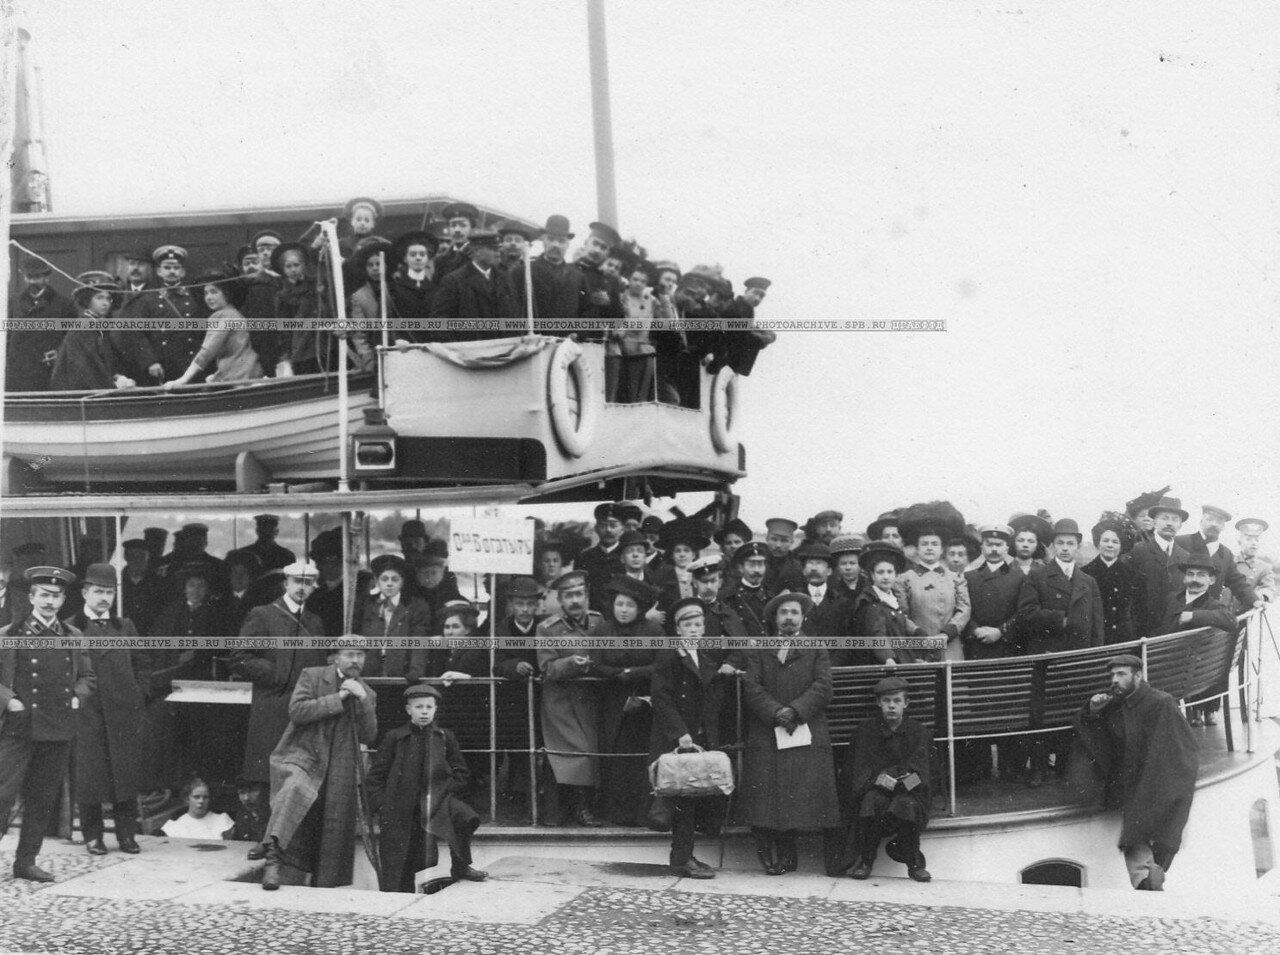 05. Группа членов Общества телесного воспитания Богатырь, участников экскурсии на Иматру на борту парохода.  Сентябрь 1909